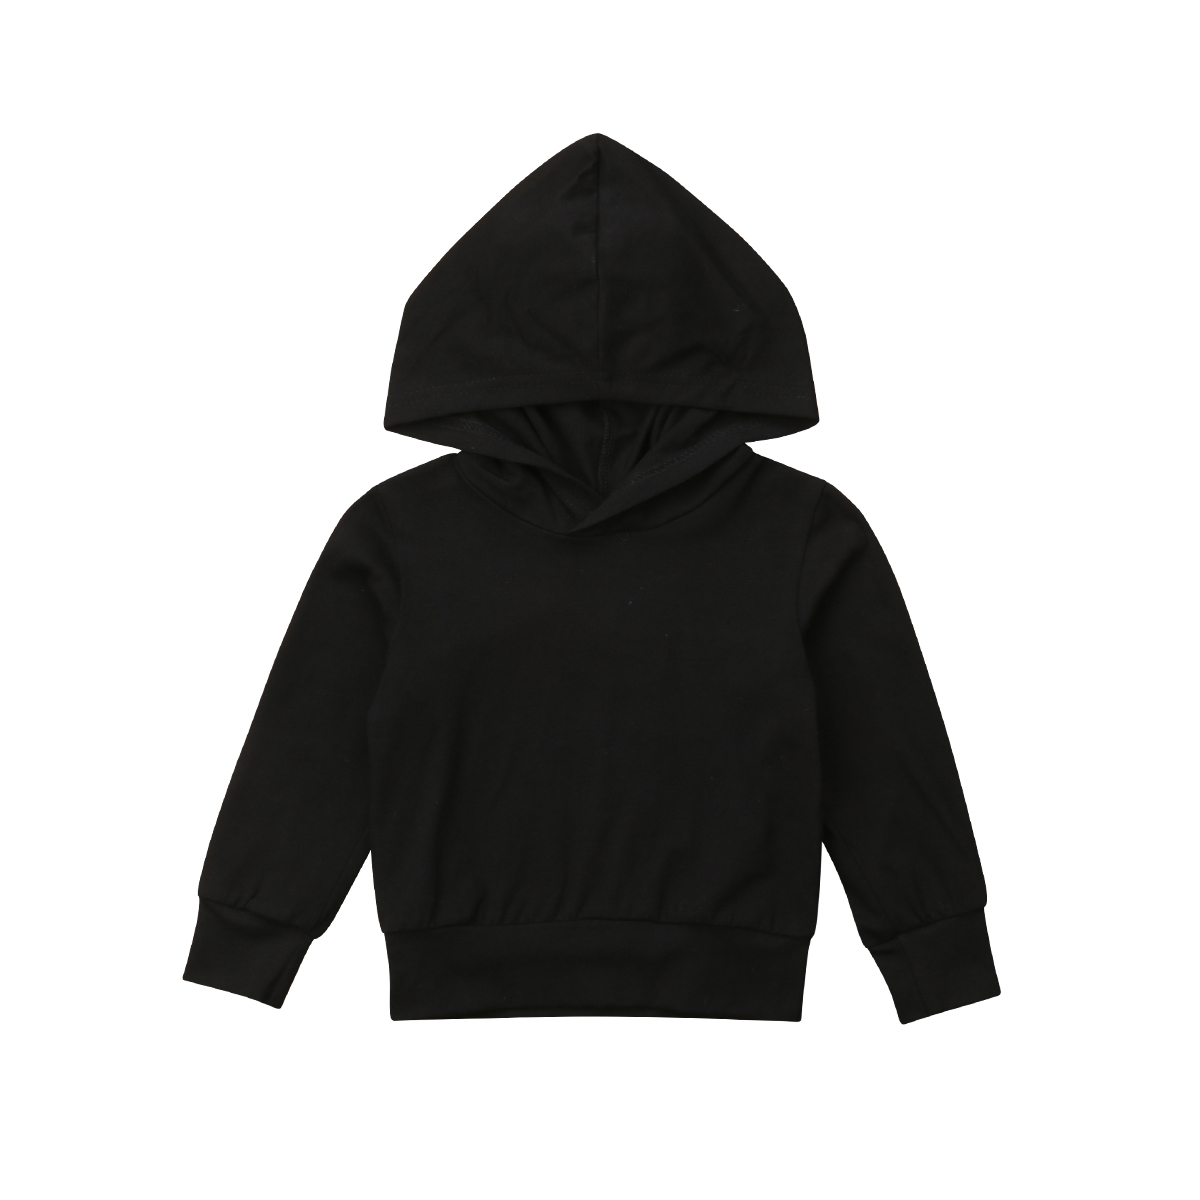 2018 Herbst Baby Mädchen Jungen Brief Drucken T-shirt Tops Kleinkind Mit Kapuze Schwarz Bluse Sweatshirt Kleidung GüNstigster Preis Von Unserer Website